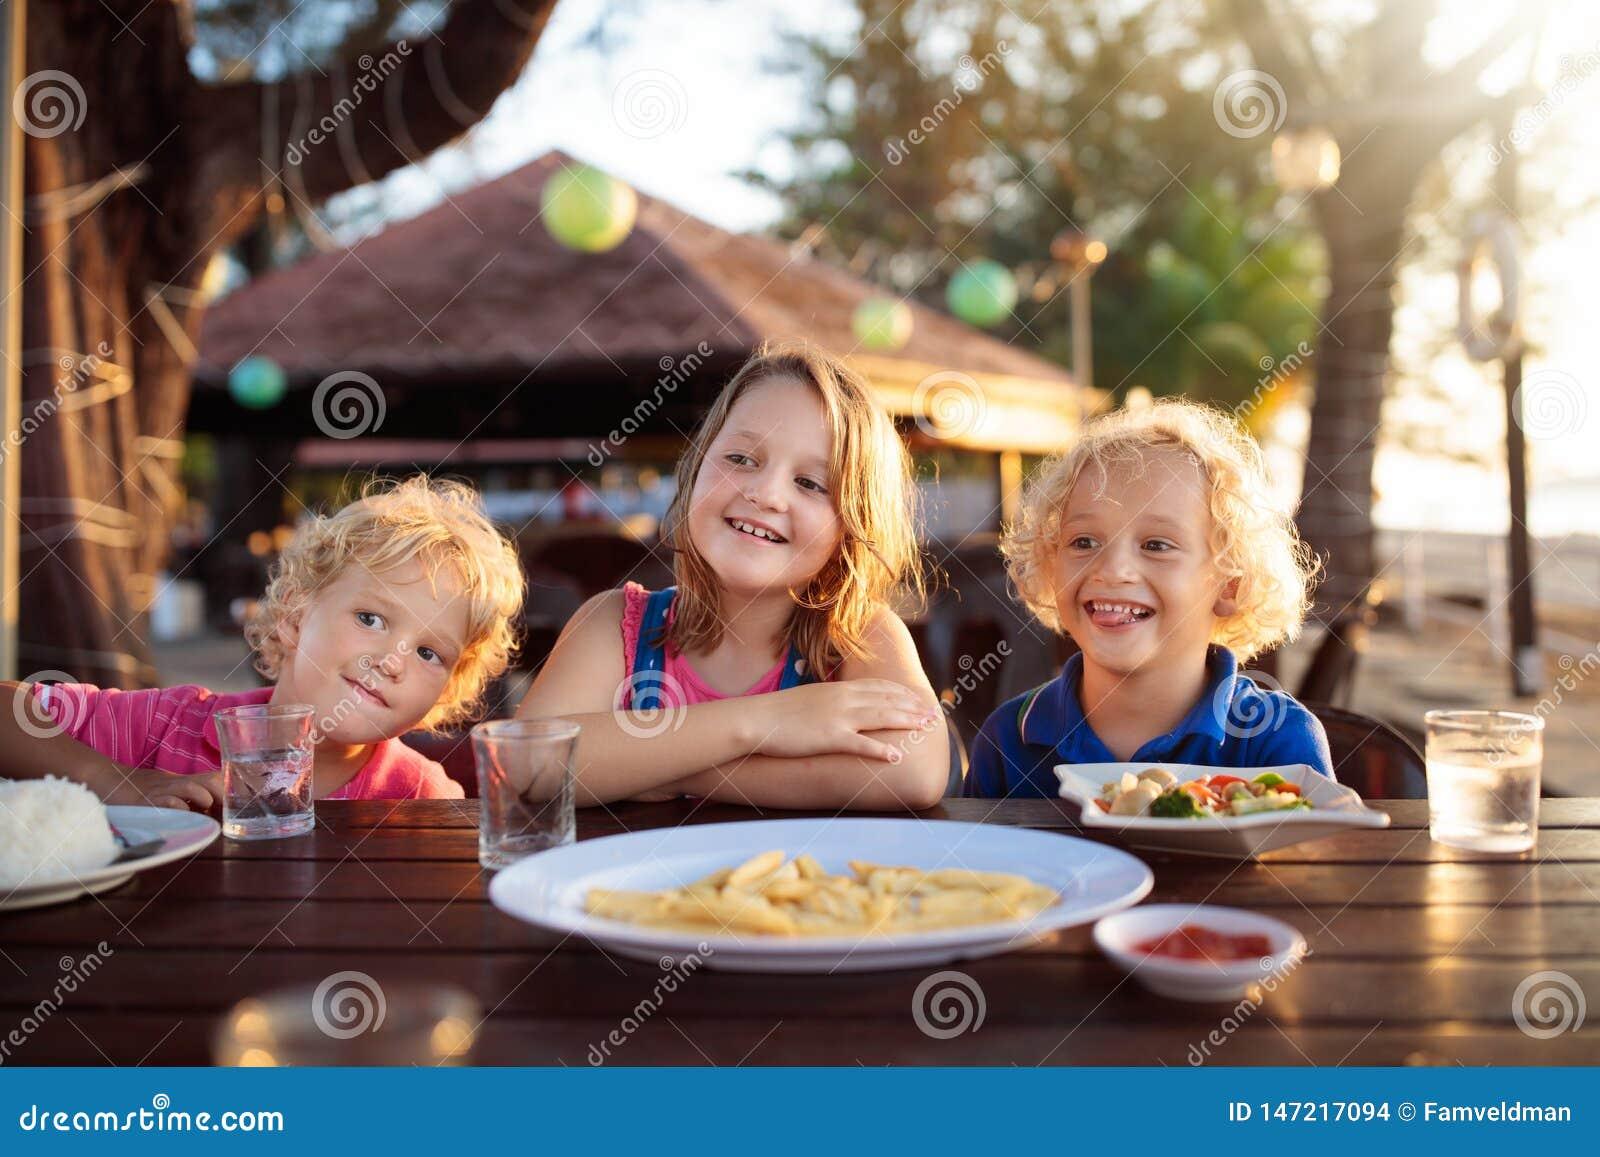 Familienurlaubmittagessen Kinder im Strandrestaurant